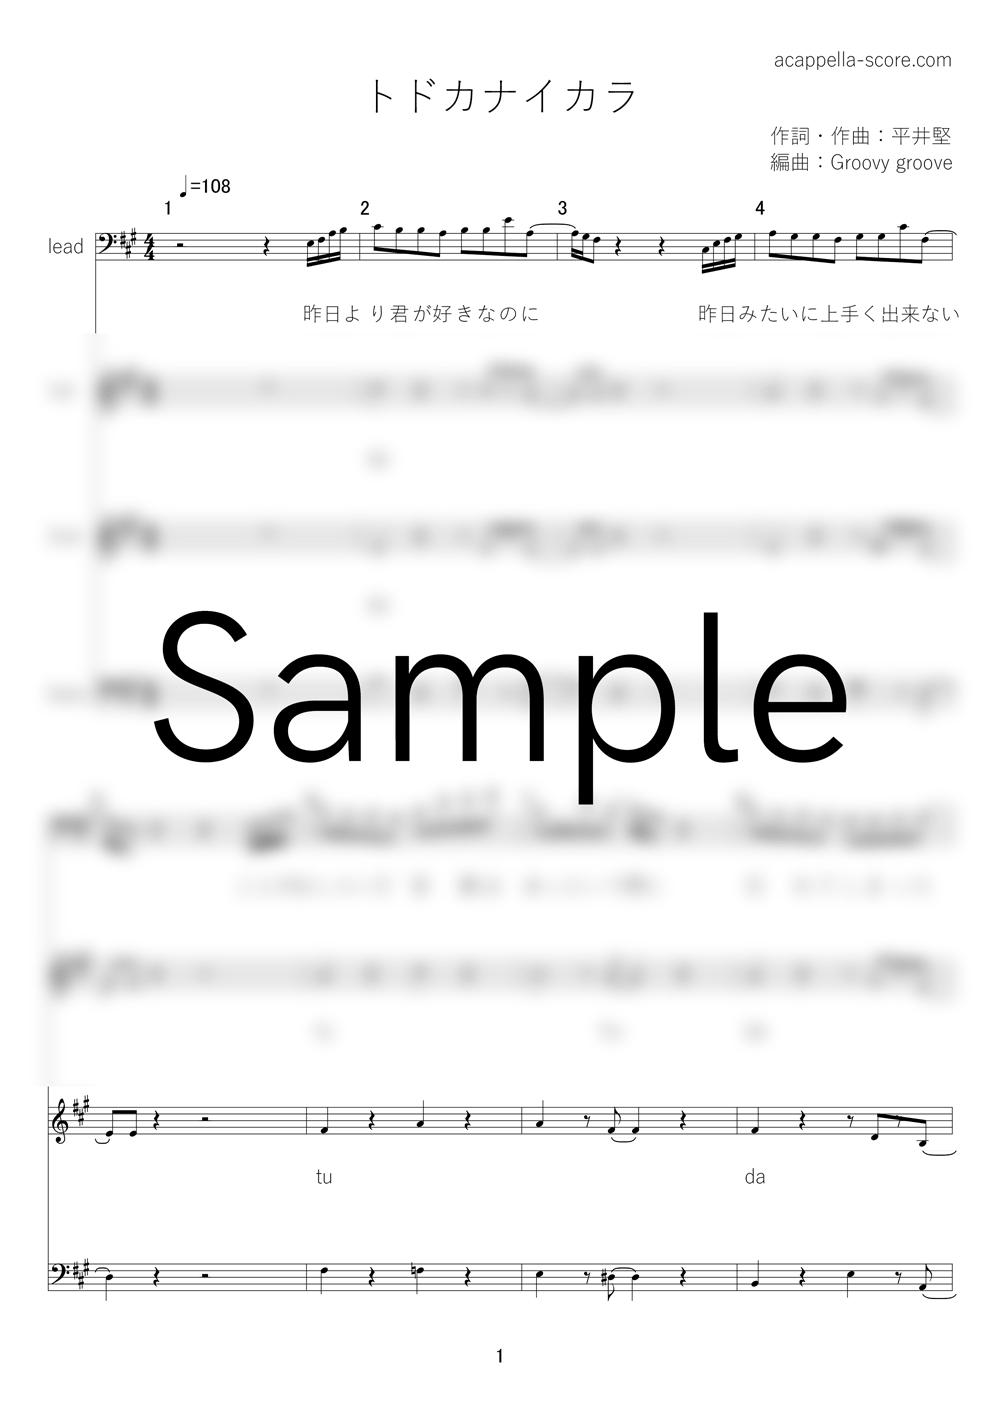 【アカペラ楽譜】トドカナイカラ - 平井堅